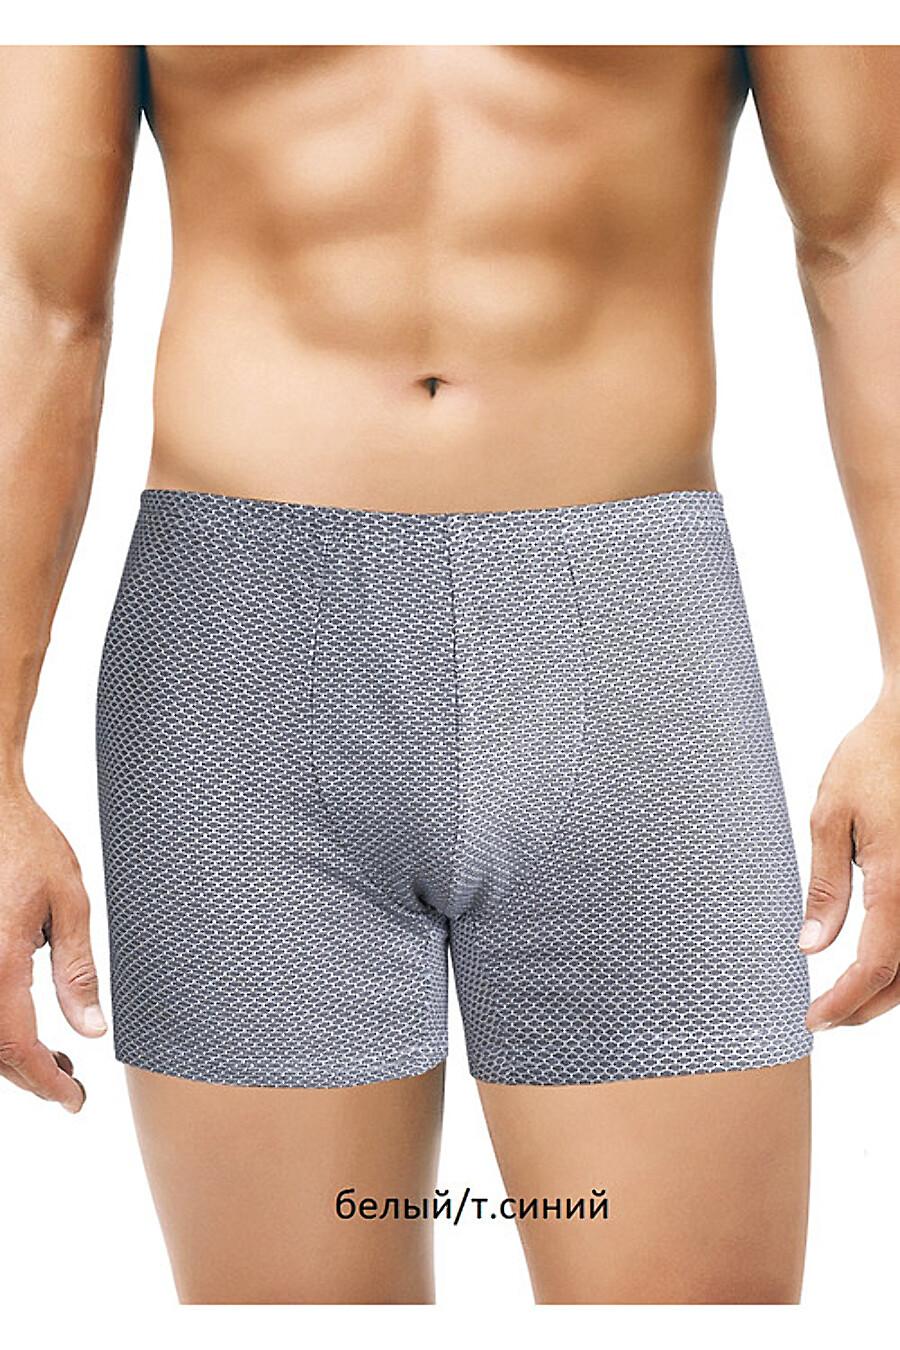 Трусы для мужчин CLEVER 175909 купить оптом от производителя. Совместная покупка мужской одежды в OptMoyo